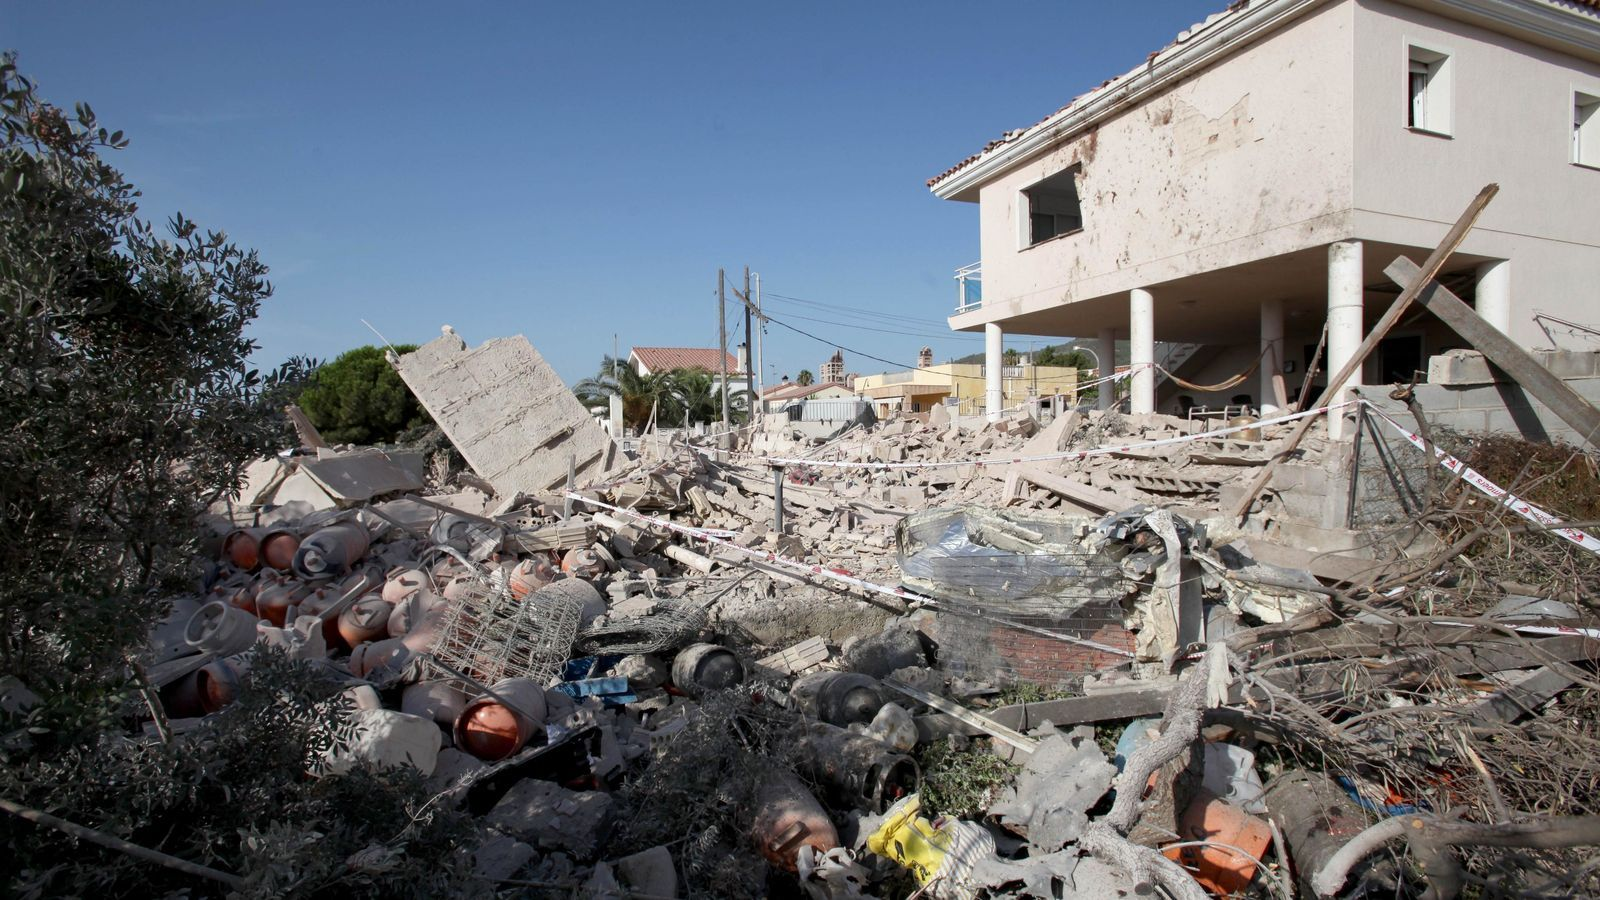 Per què es dubta de si les restes trobades a Alcanar són d'Es-Satty?